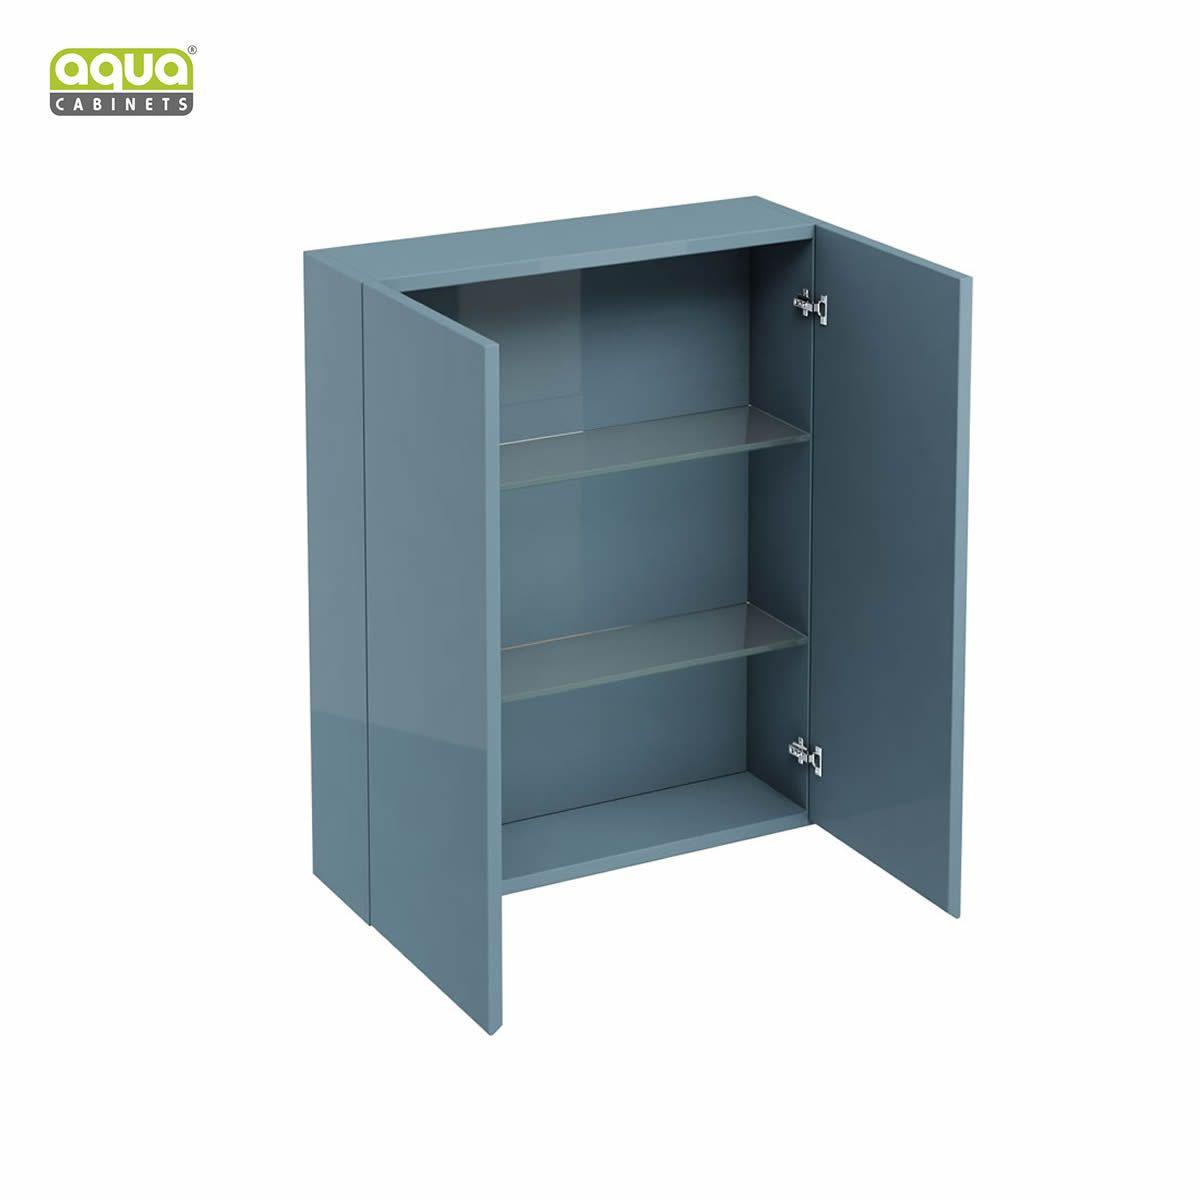 Aqua cabinets d300 wall unit 600mm uk bathrooms for 600mm kitchen wall unit